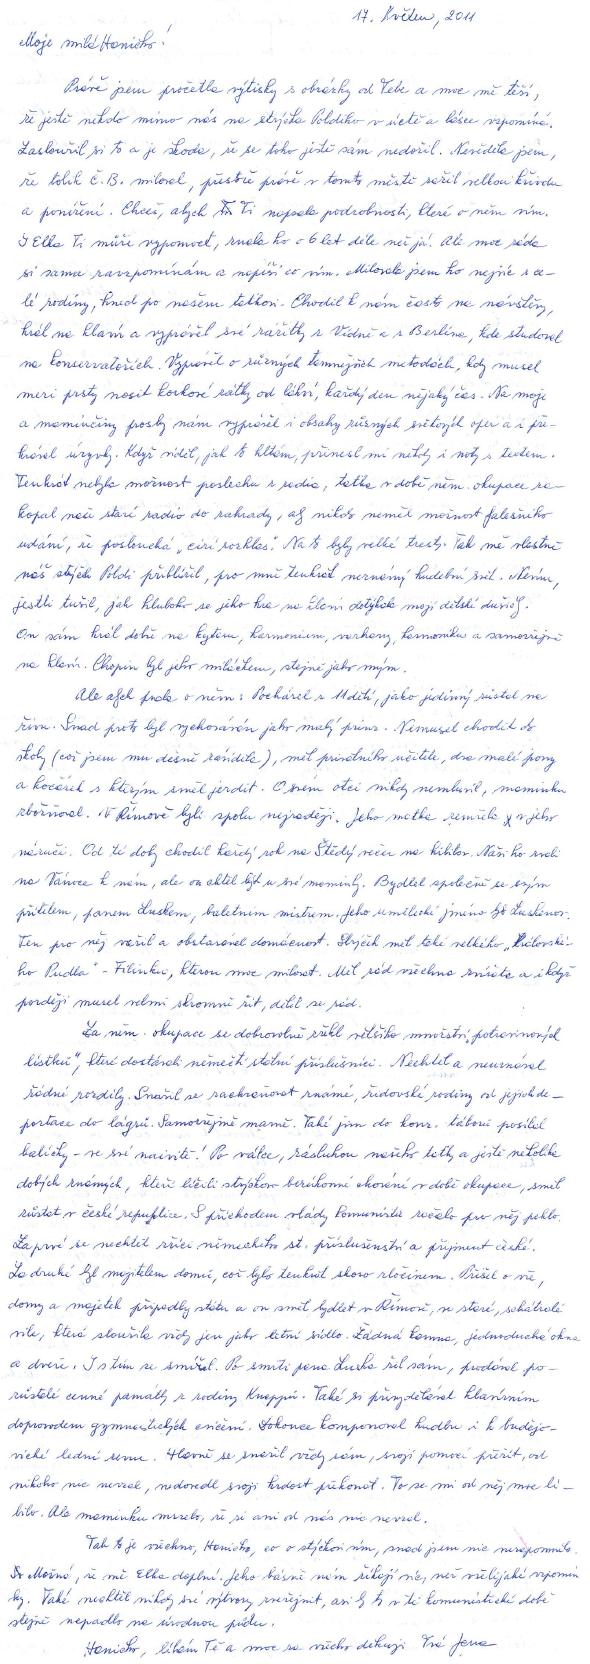 Dopis tety paní Kloučkové Jany Kus, žijící v rakouském Linci a na přání neteře, jejíž průvodní komentář otiskujeme rovněž, přibližující osobnost Leopolda Knappa